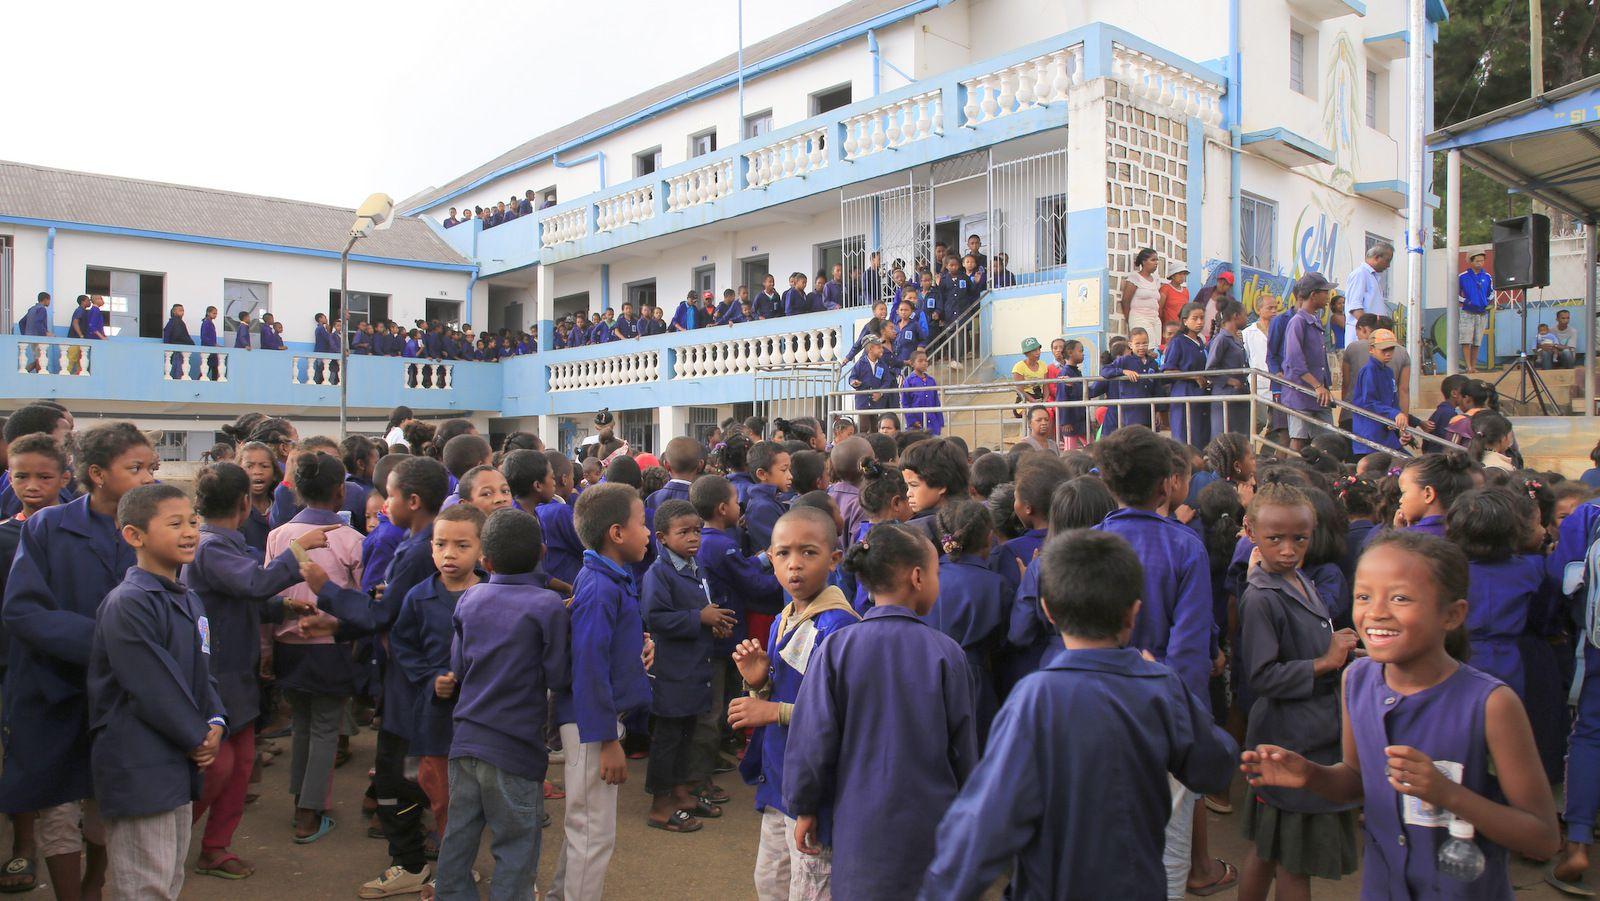 Beaucoup d'élèves dans la cour ...